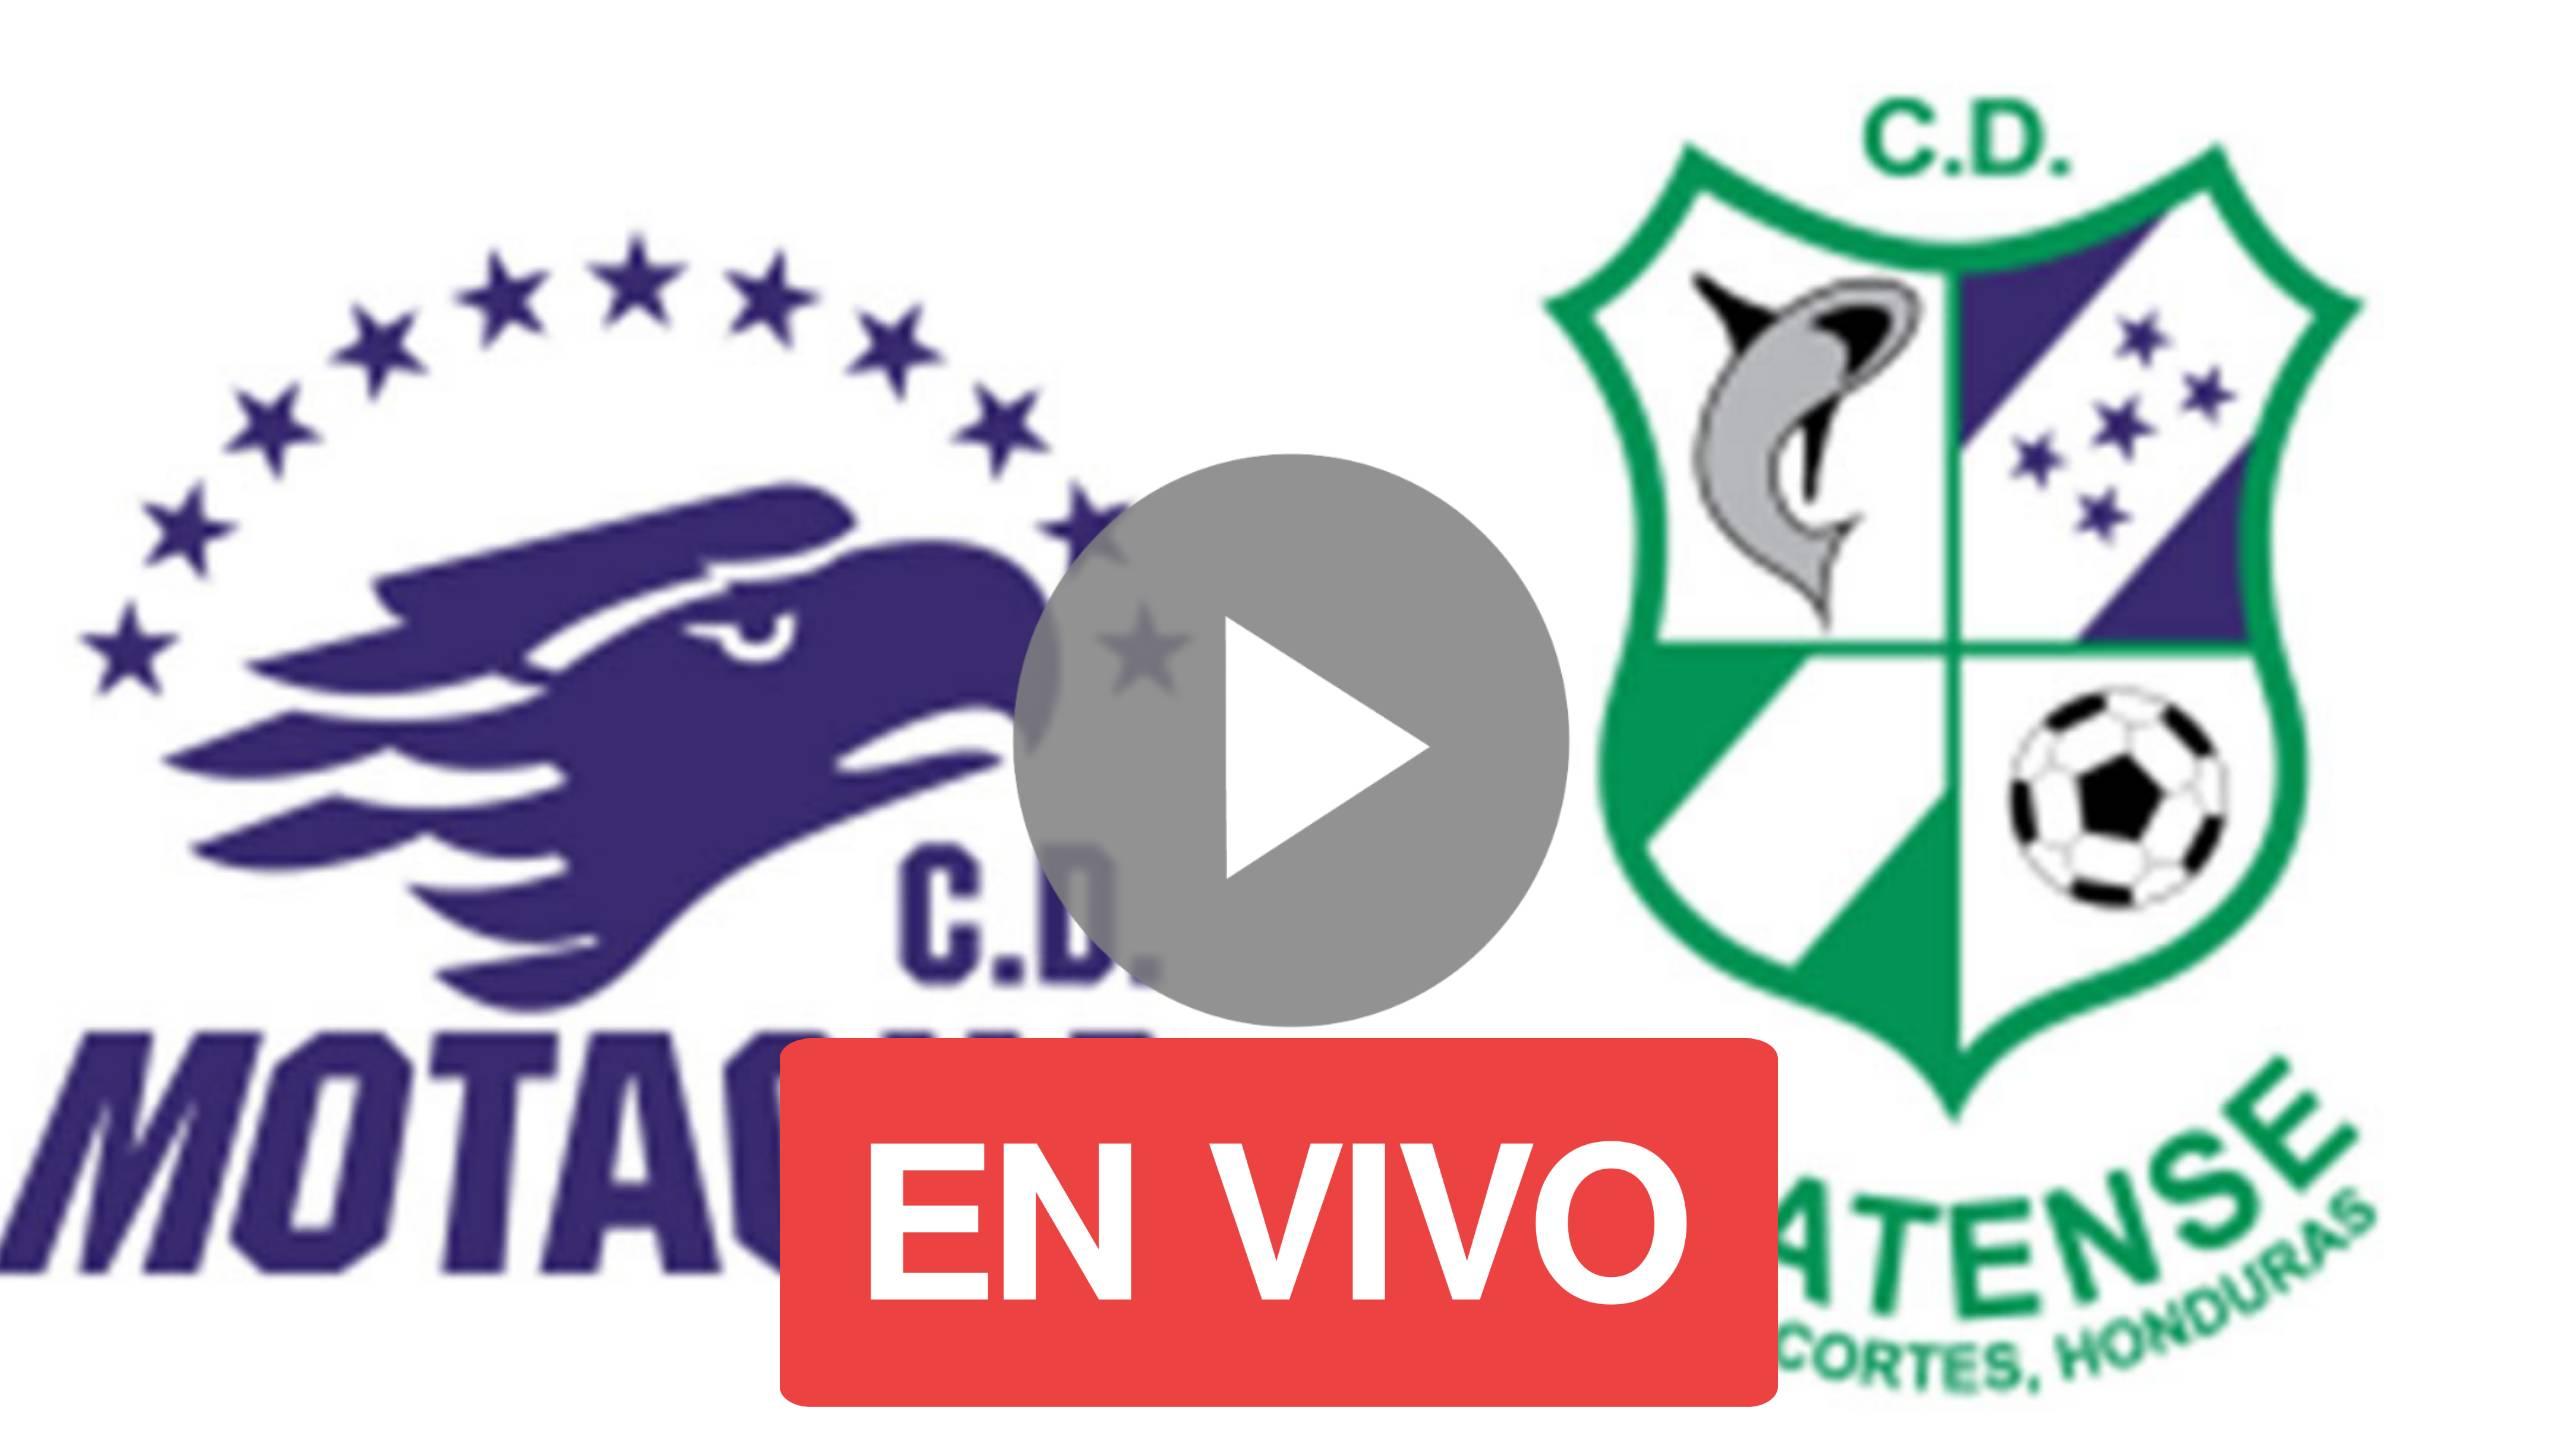 EN VIVO: LIGA SALVAVIDA: MOTAGUA VS PLATENSE: JORNADA 14 DEL TORNEO LIGA PROFESIONAL DE HONDURAS EN VIVO 2020